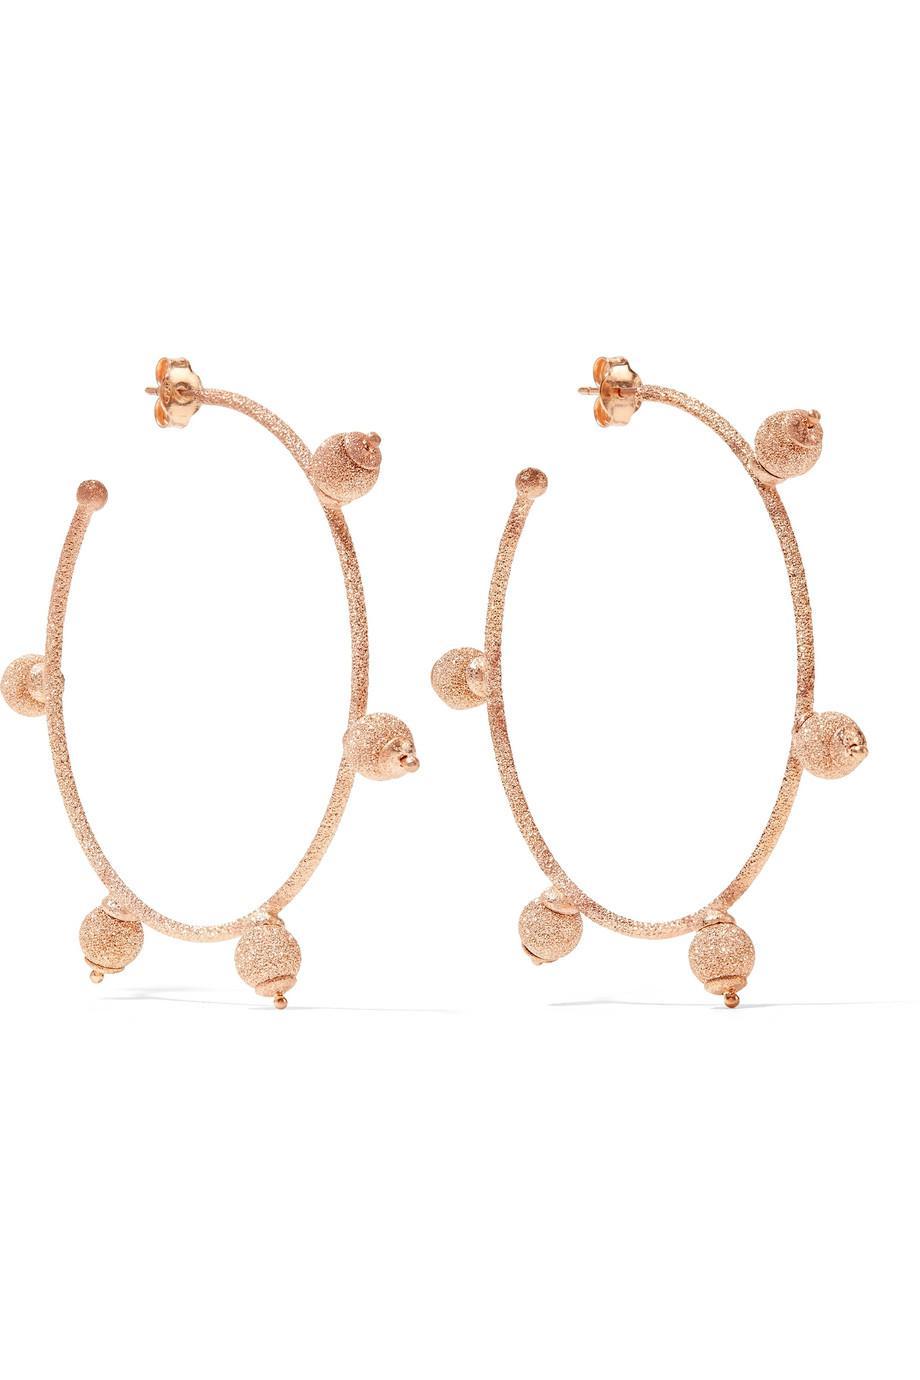 Carolina Bucci 18-karat Rose Gold Earrings WumeG3z